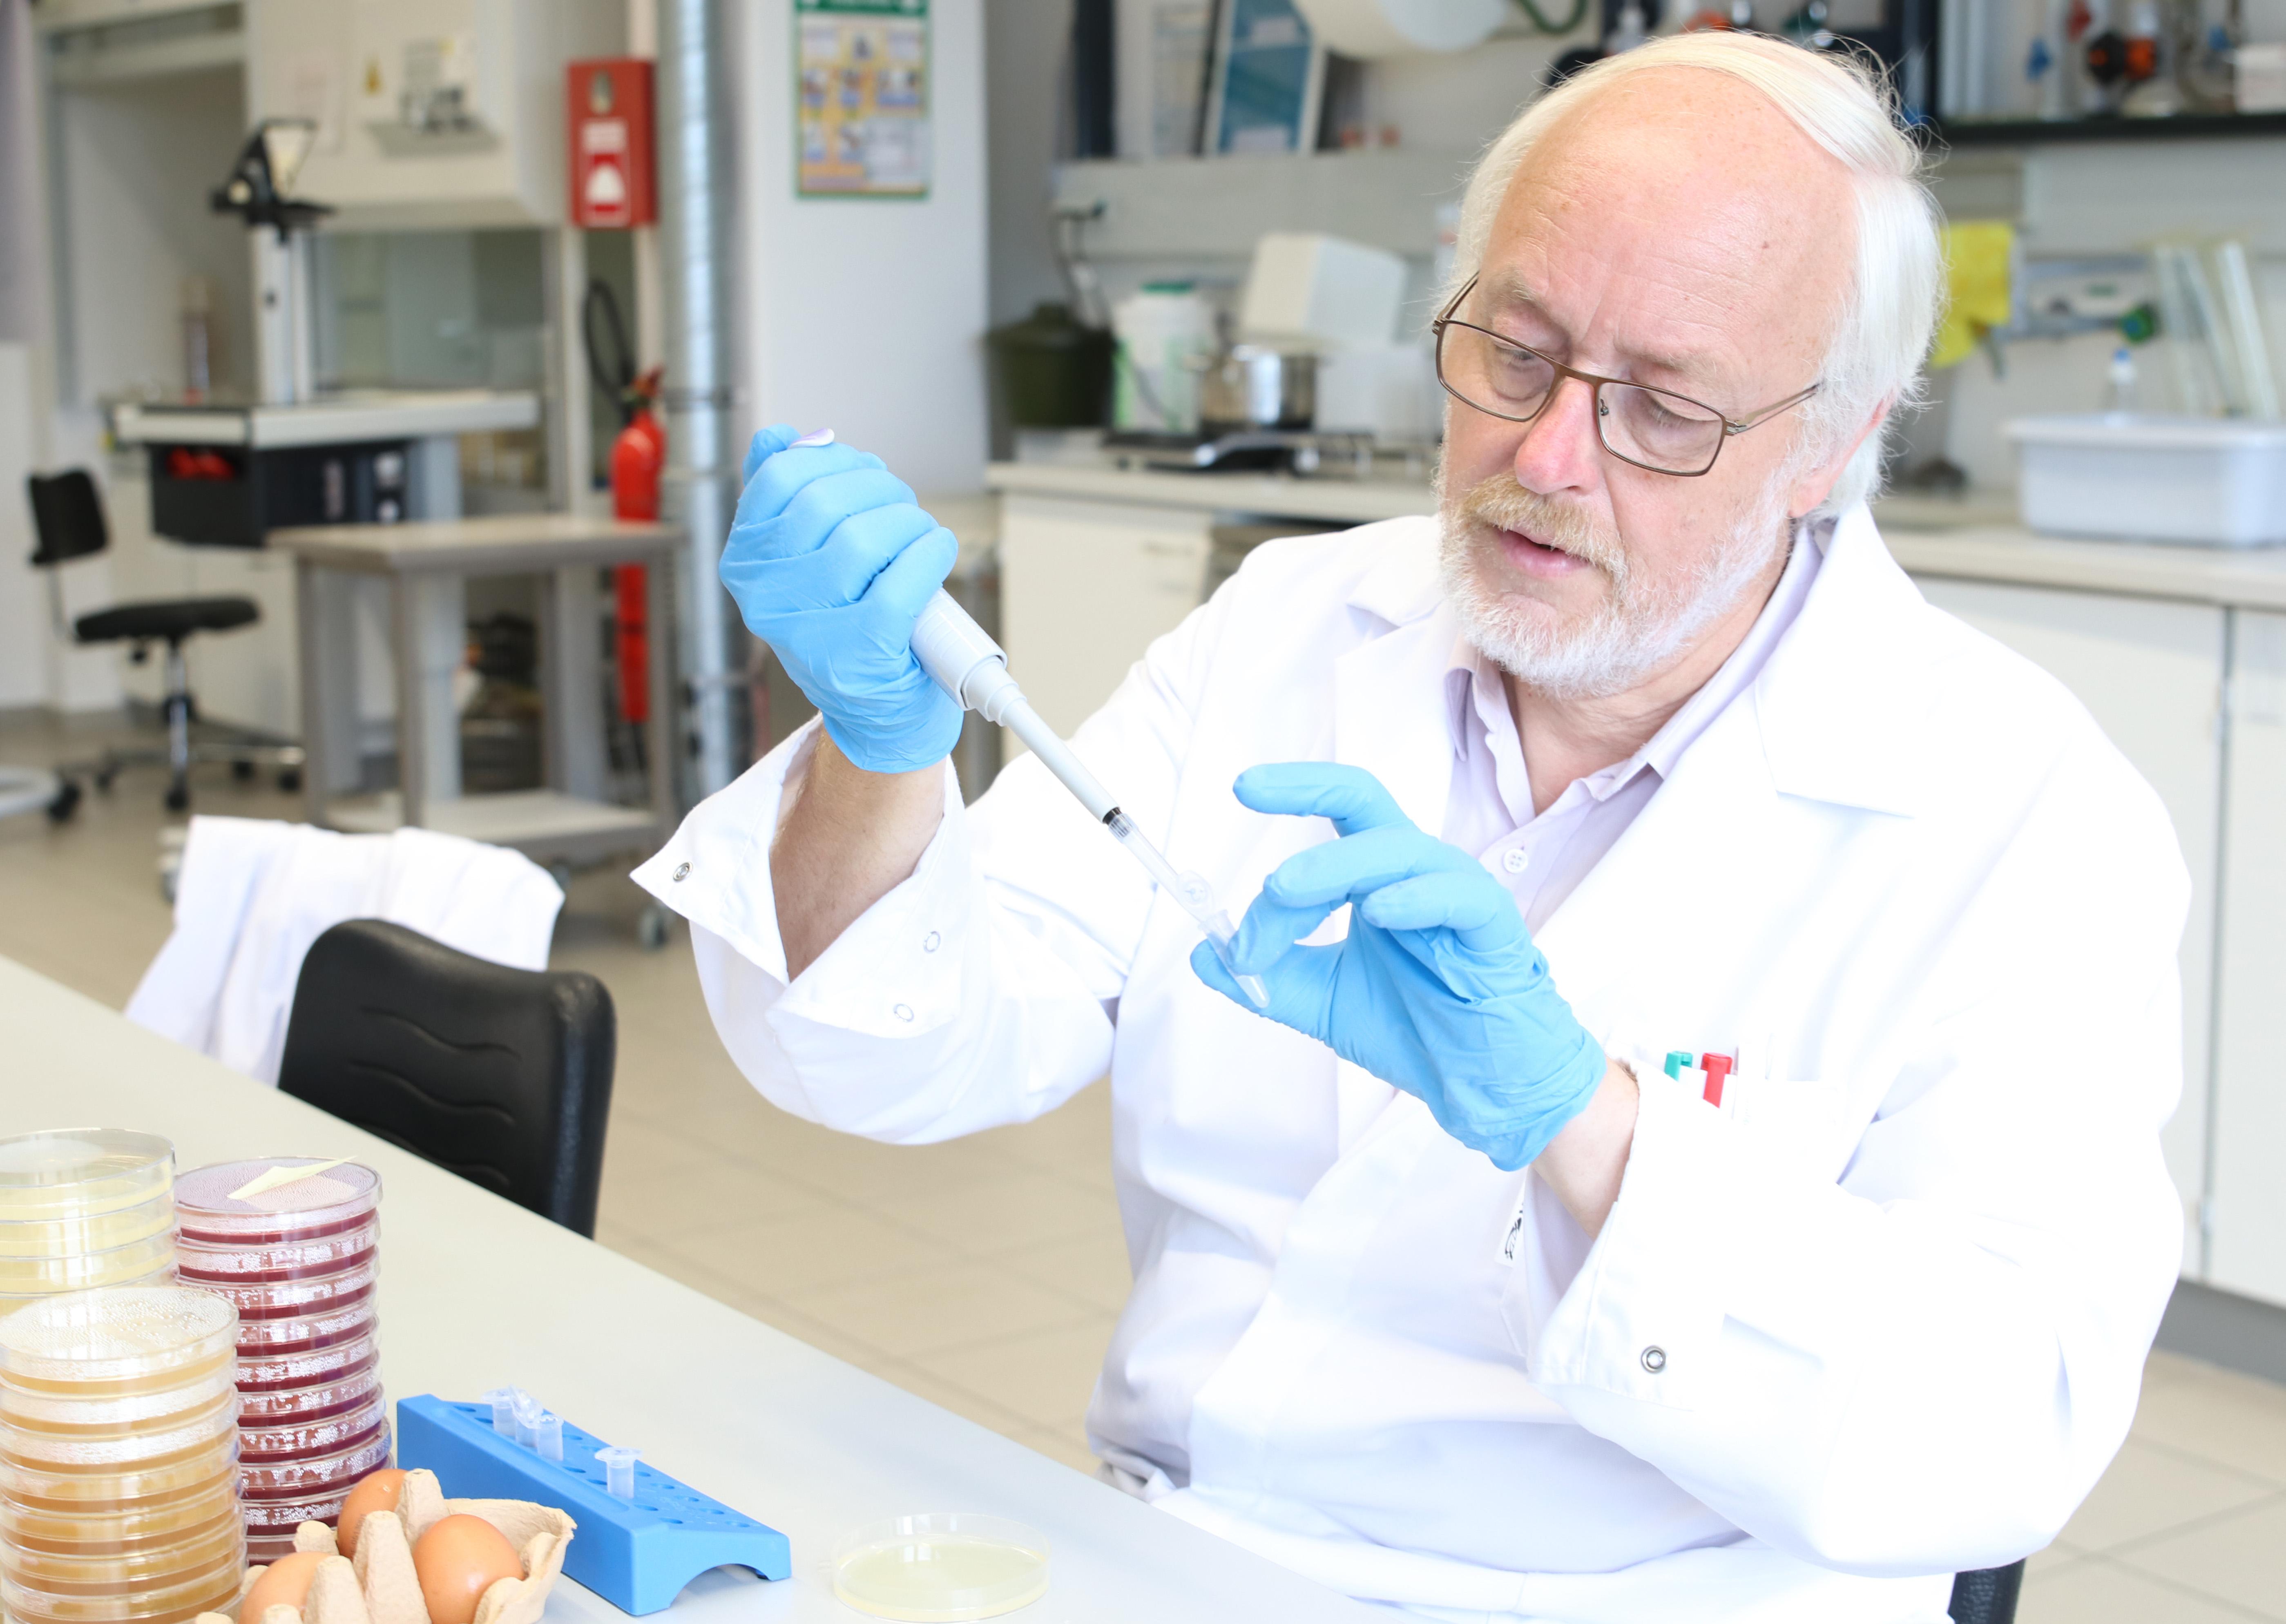 PD Dr. Heribert Keweloh